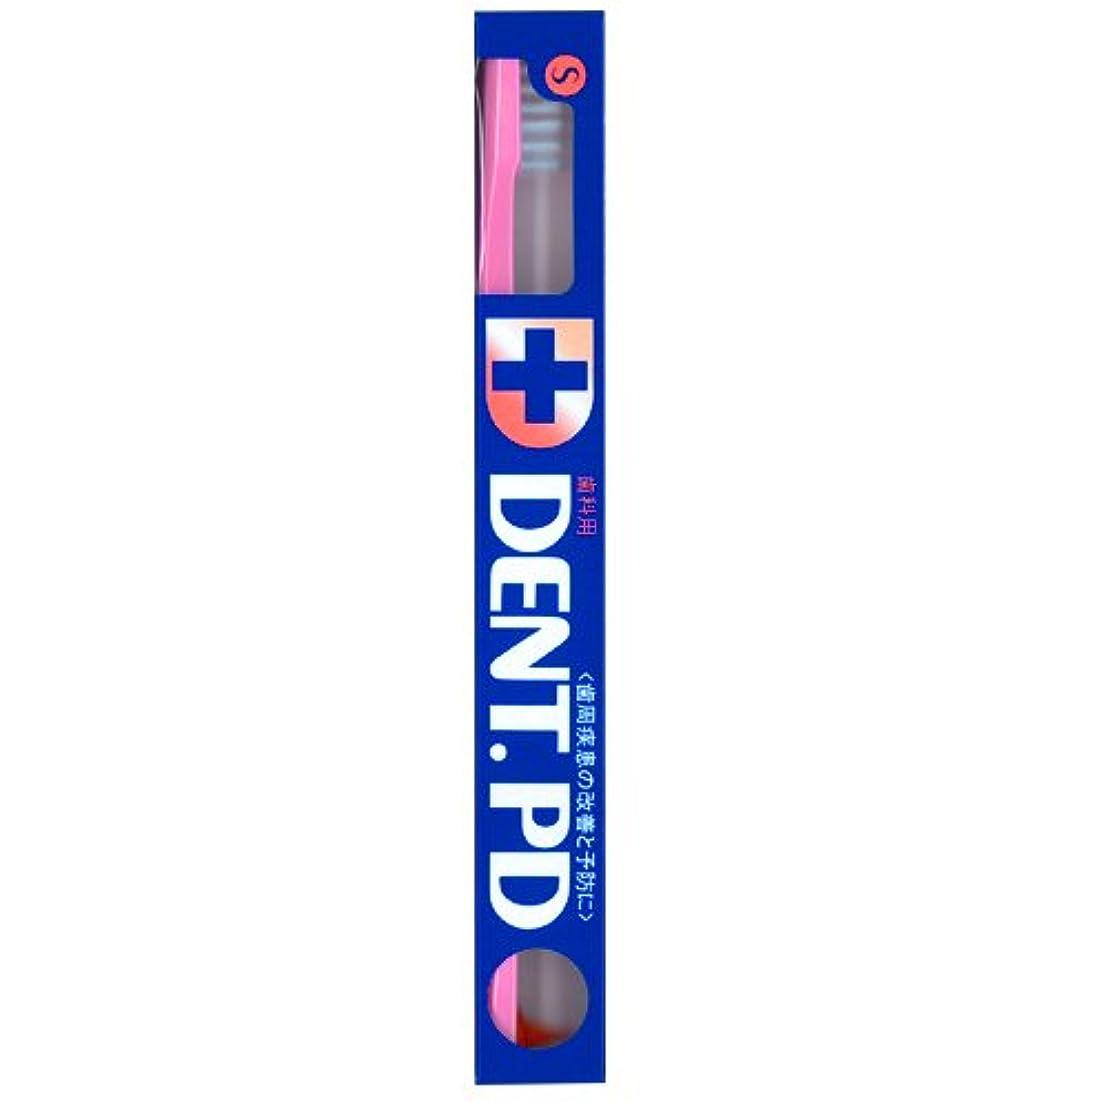 順番進む脅威ライオン DENT.PD歯ブラシ 1本 S (ピンク)